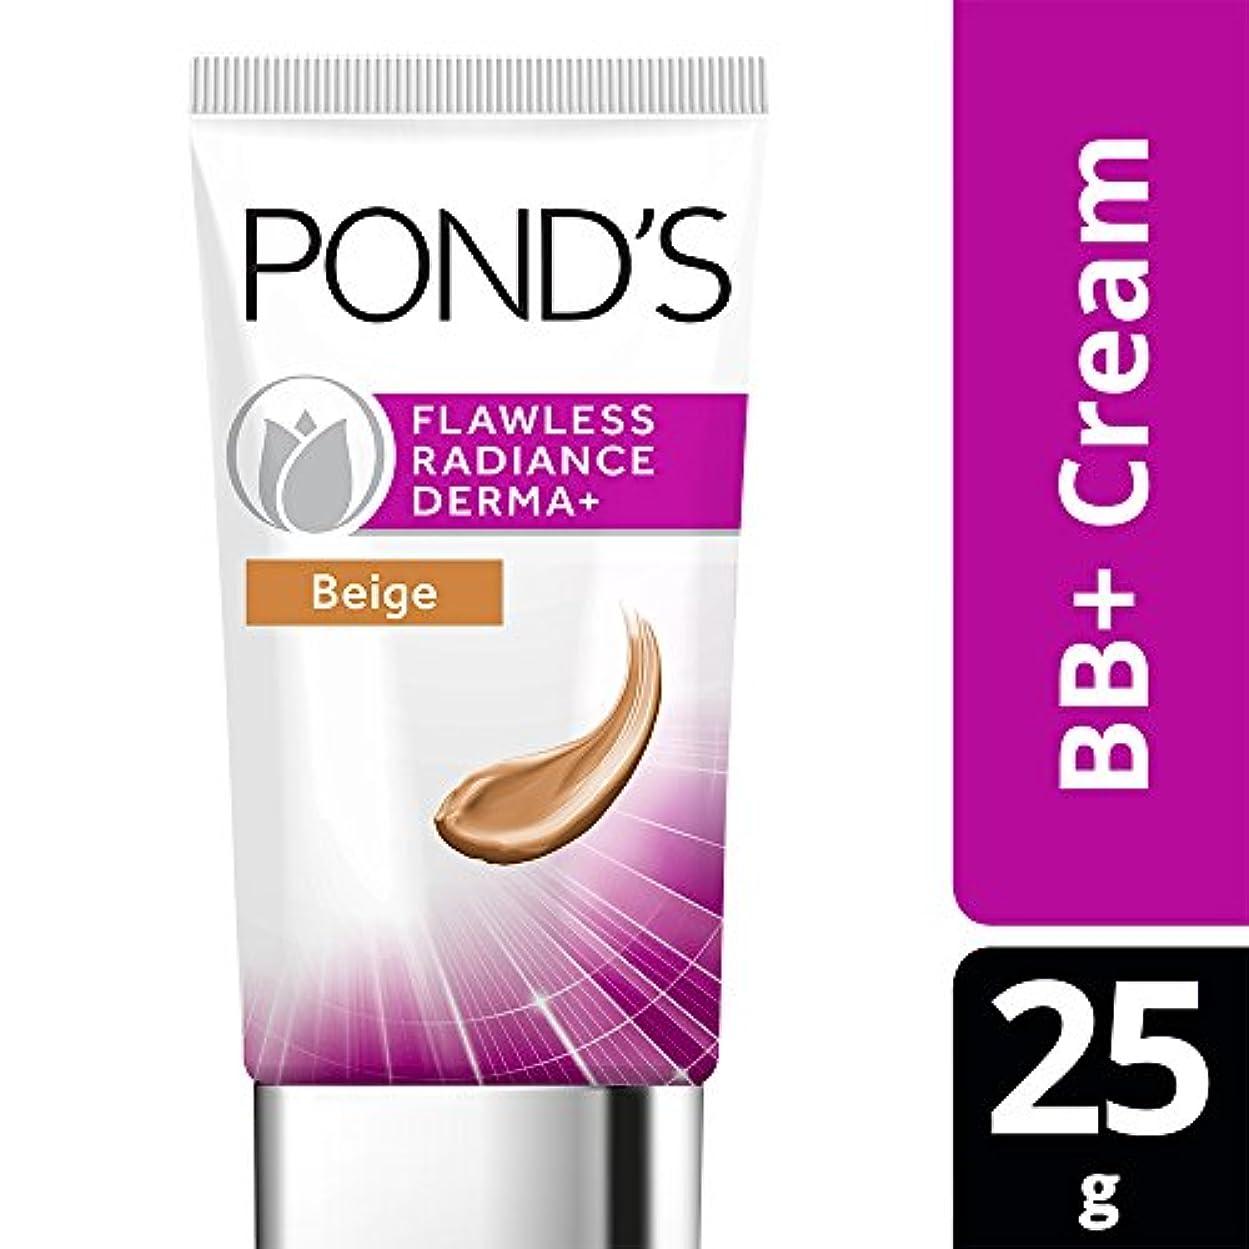 音楽を聴くショッキングバンジージャンプPOND'S Flawless Radiance Derma+ BB Cream Beige, 25g